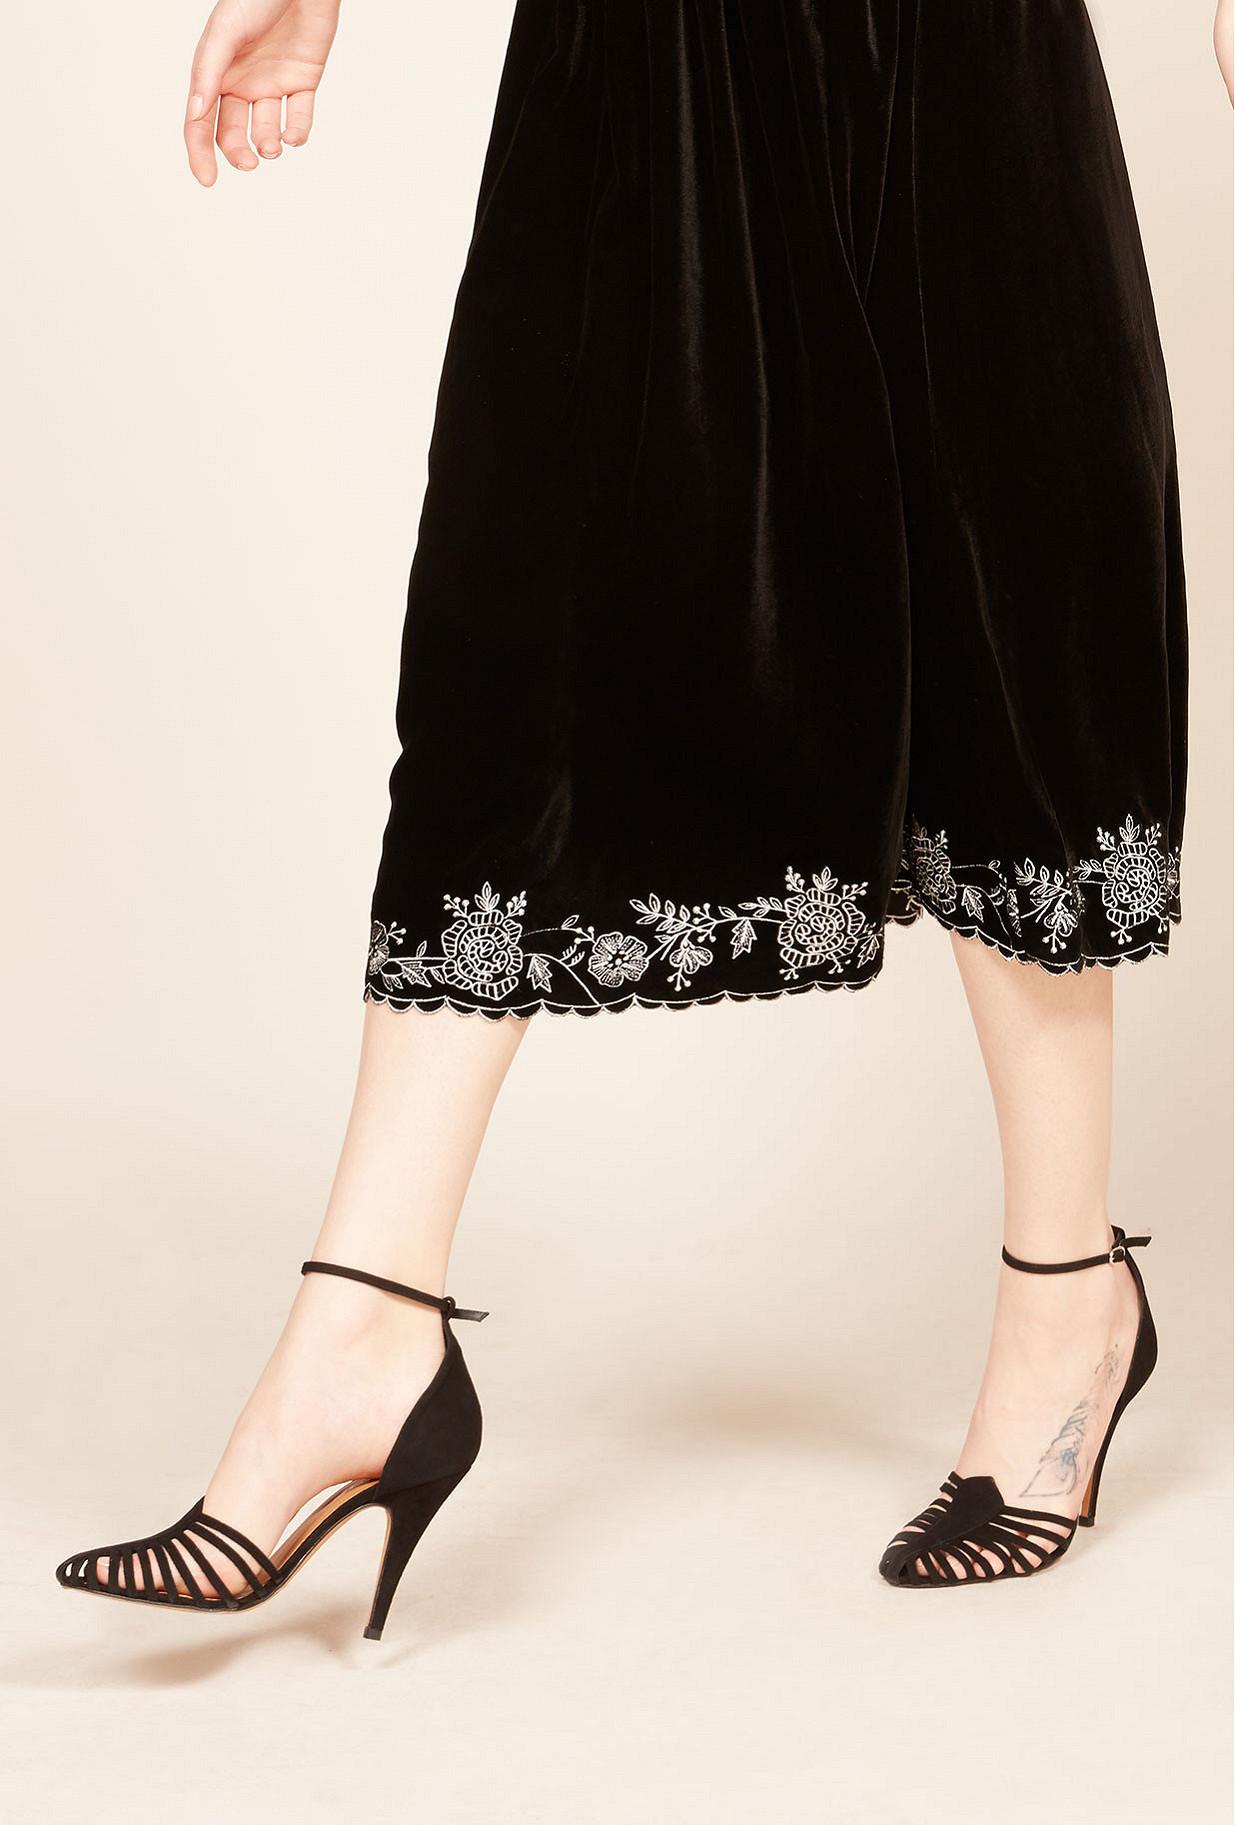 Escarpins Noir  Venitiennes mes demoiselles paris vêtement femme paris